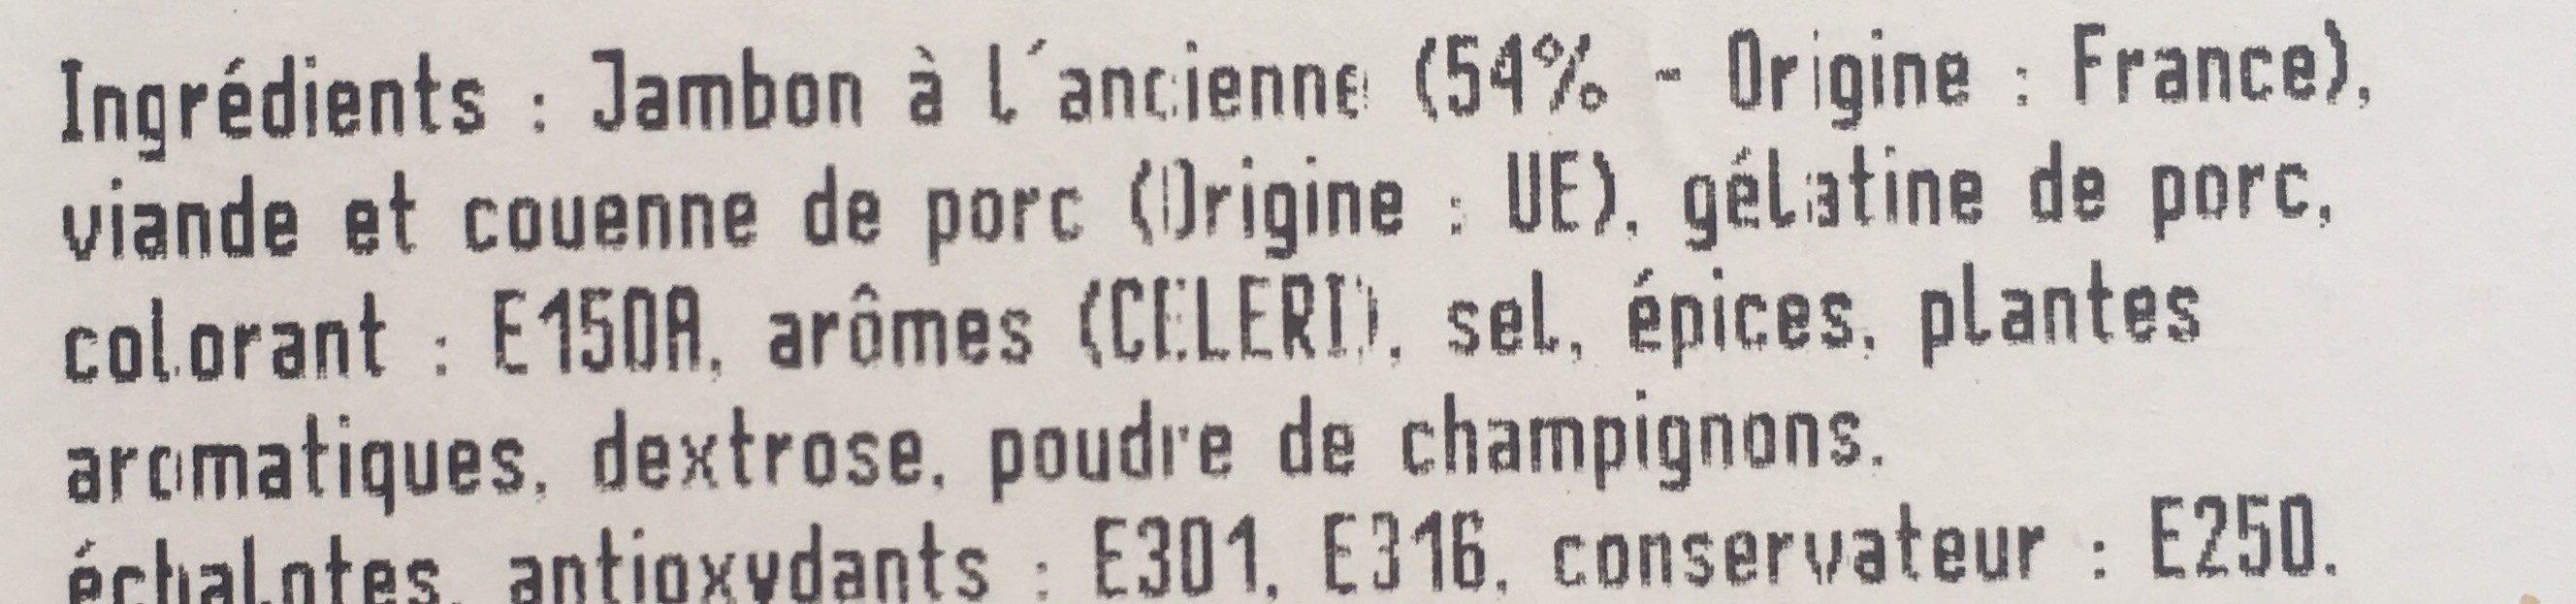 Pâté de jambon à l'ancienne - Ingredients - fr